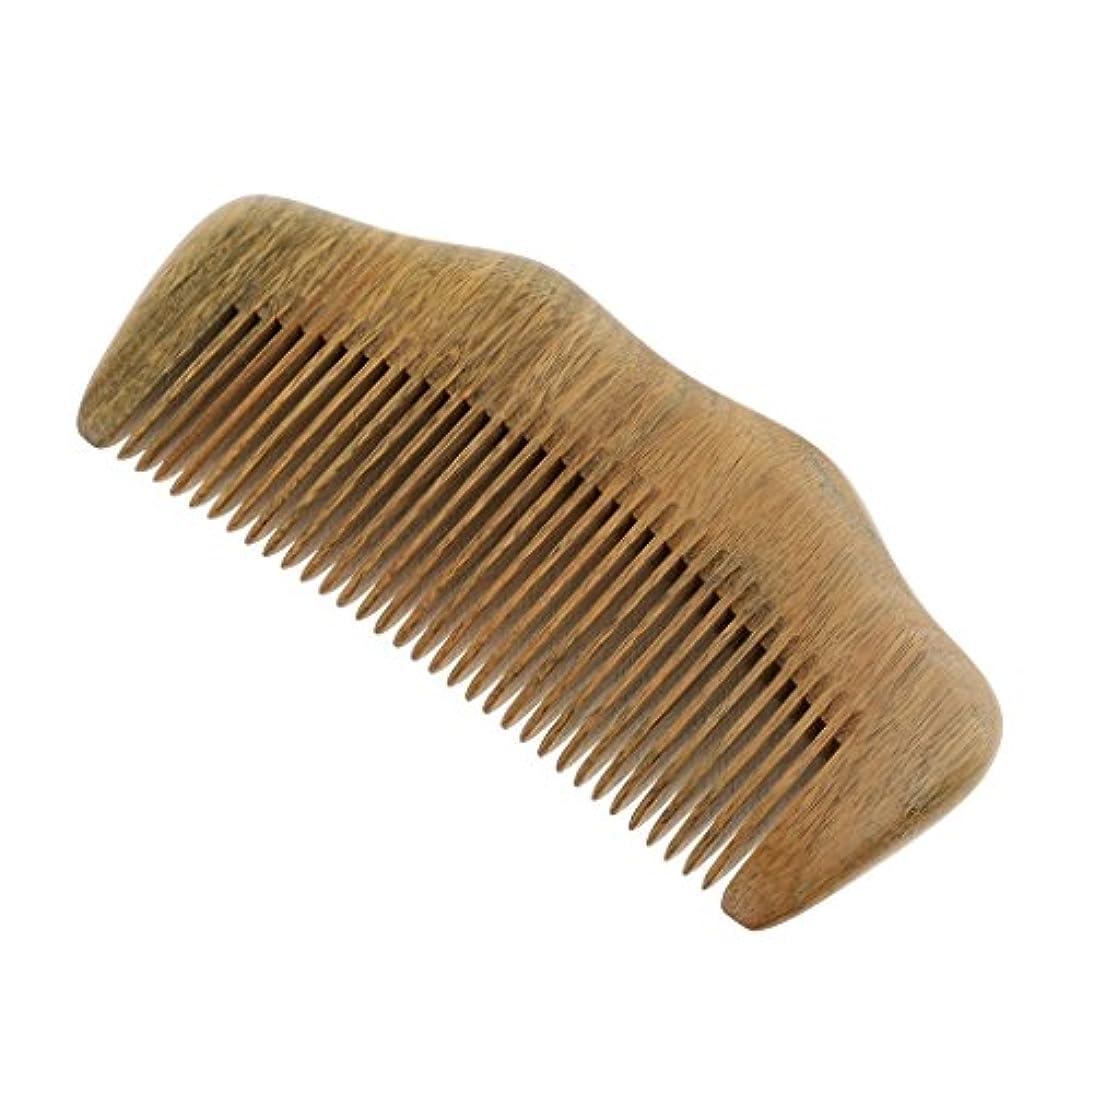 みぞれドロップデイジーウッドヘアコーム 自然な木 櫛 ヘアケア マッサージ 細かい歯 静電気防止 滑らか